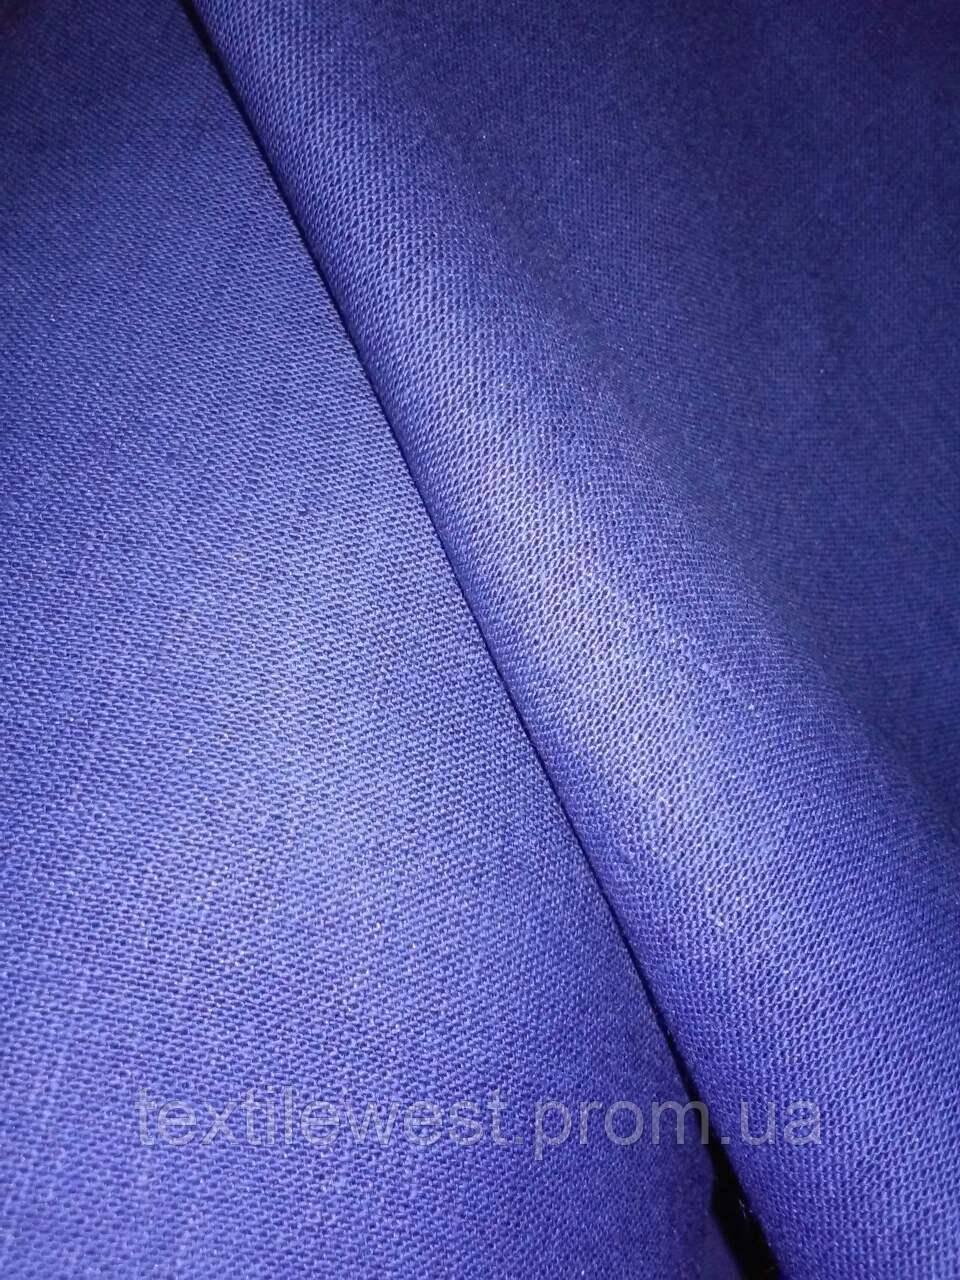 Ткань полульняная сорочечная